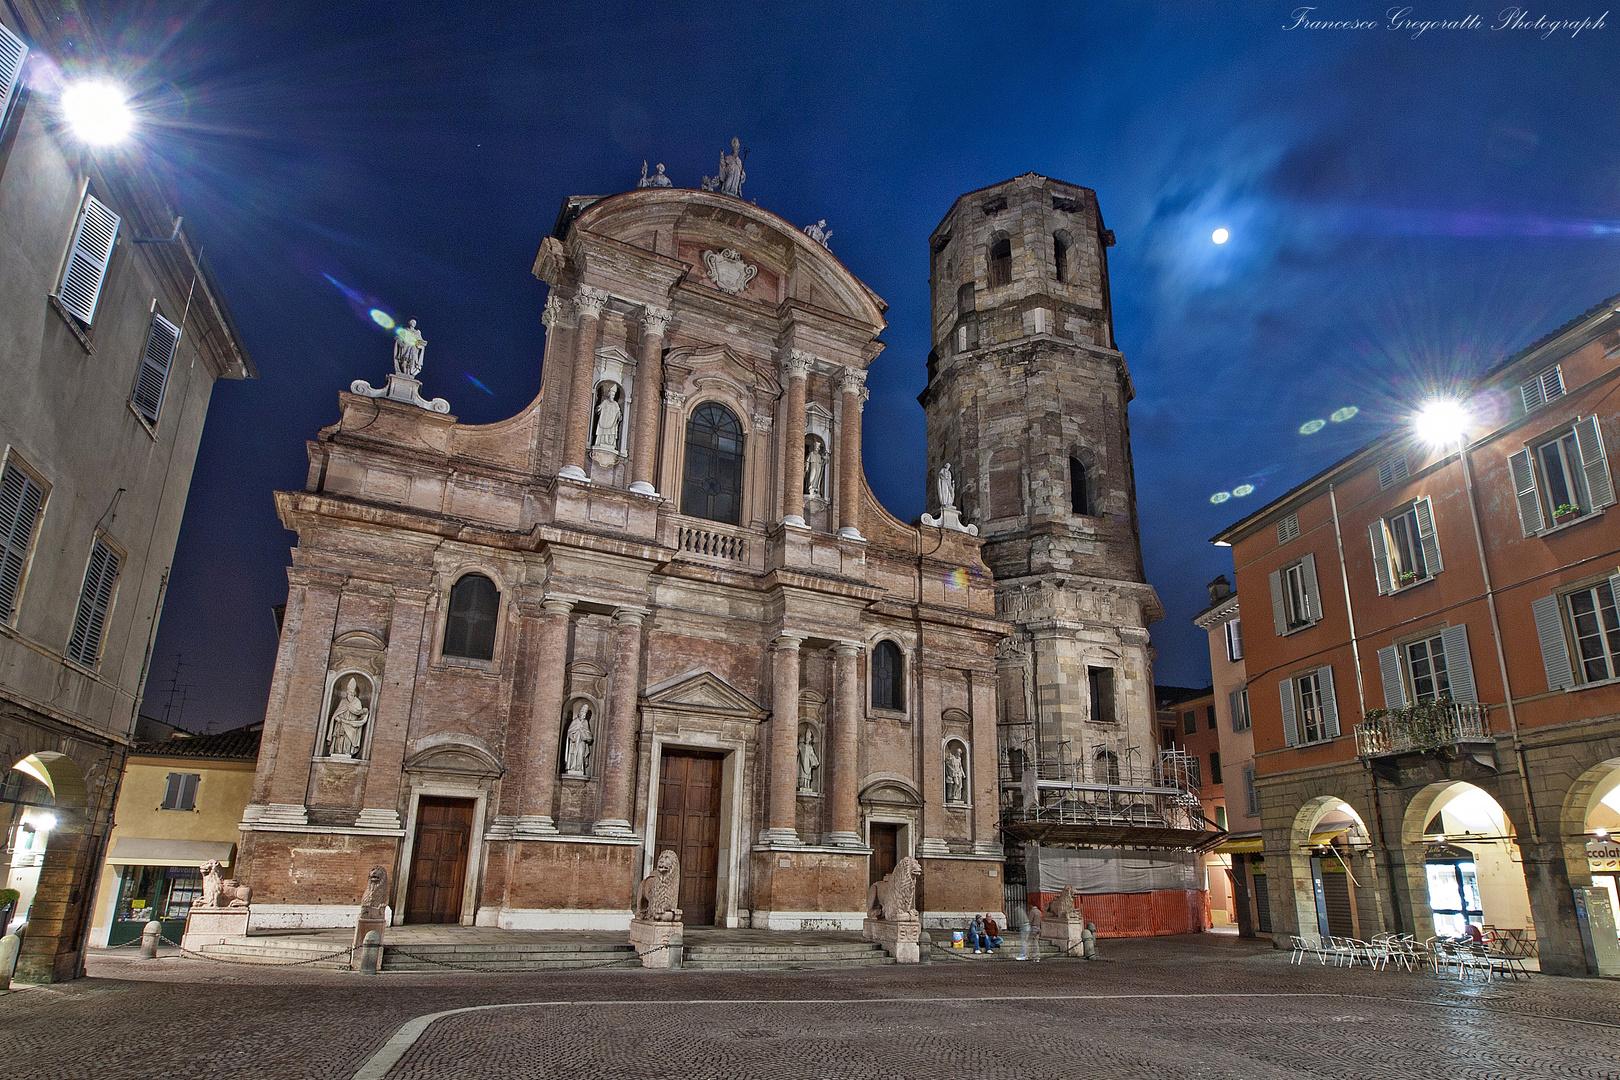 San Prospero Reggio Emilia